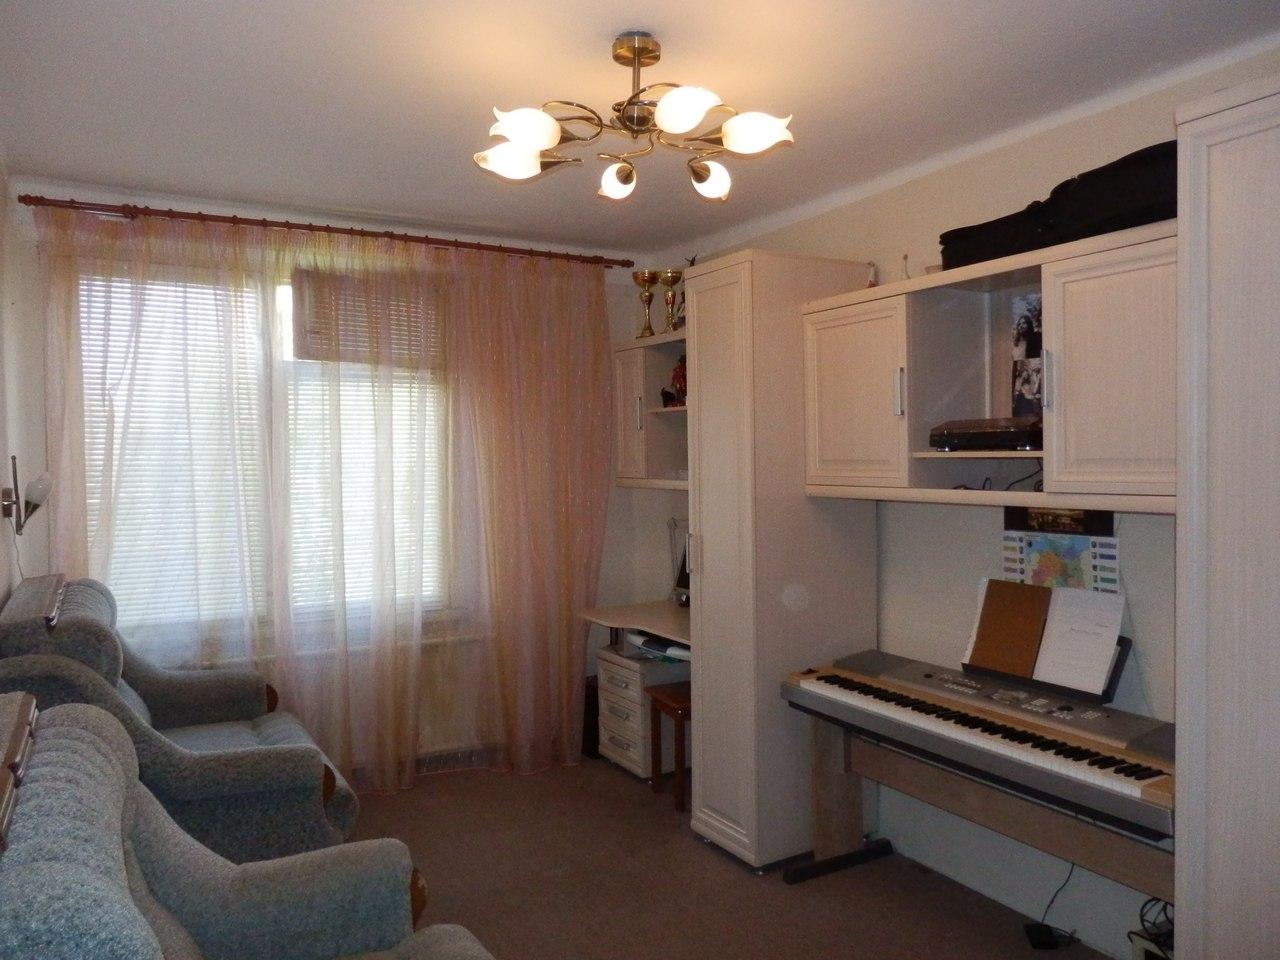 Продается уютная 2 ком. квартира в зеленом и чистом районе Колпино SAluzok_aO4